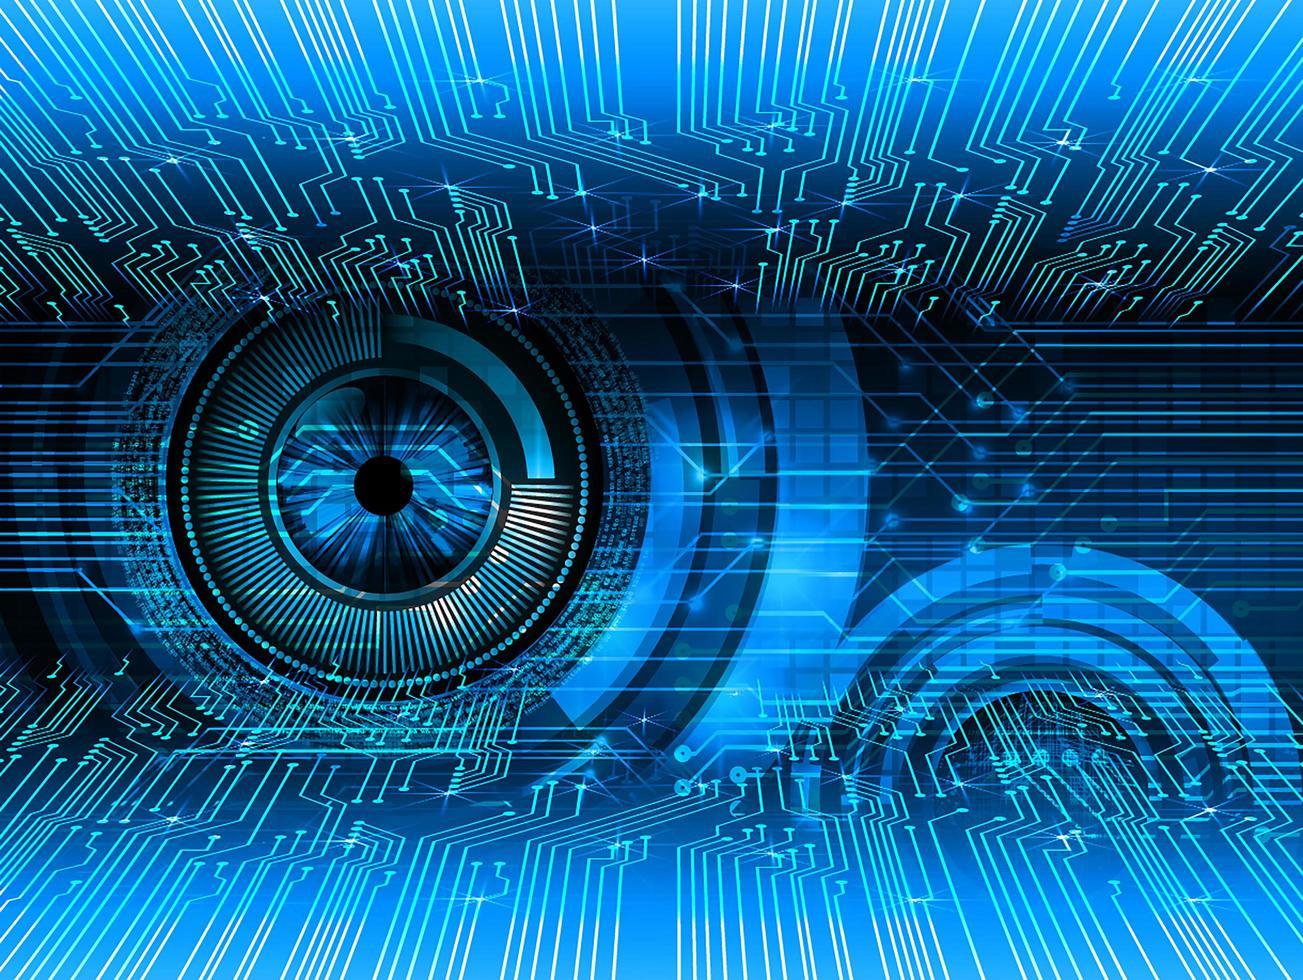 tech öga cyber krets framtida koncept bakgrund vektor